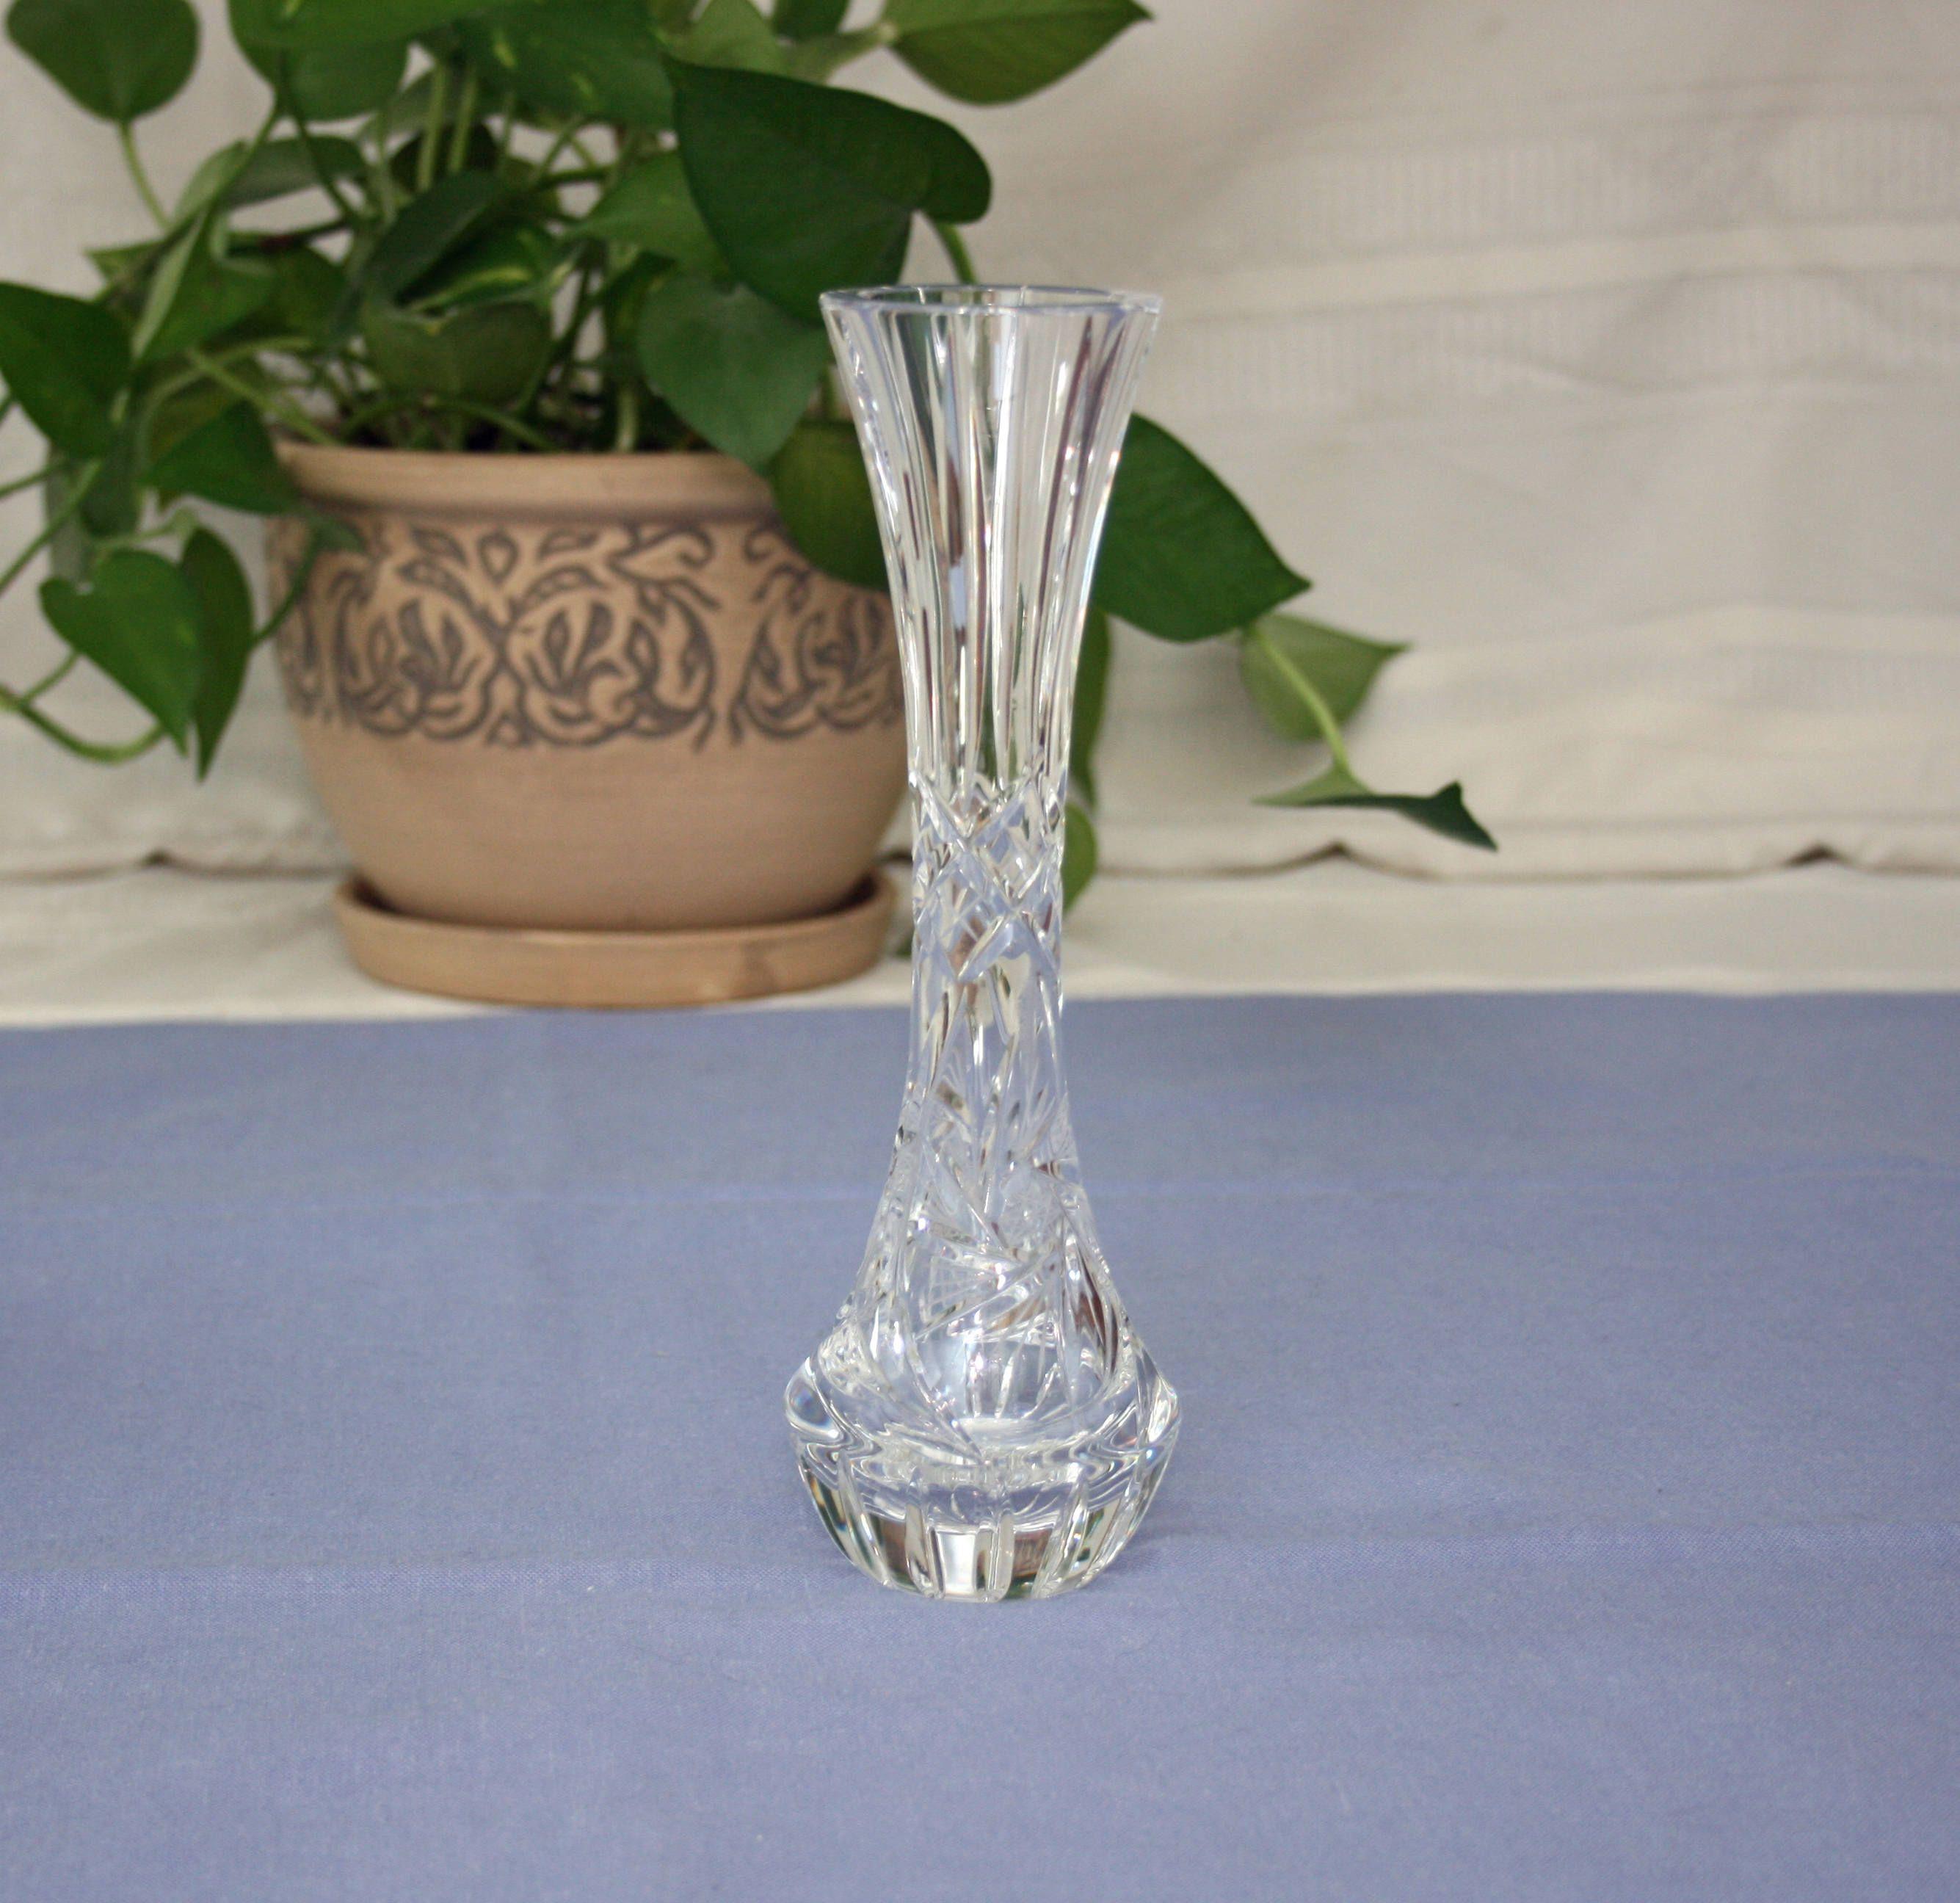 westmoreland milk glass vase of vintage 16 oz syrup pitcher jeannette glass co windsor 193 inside vintage lead crystal fluted bud vase hand cut swirled star pinwheel flower glass vase home decor